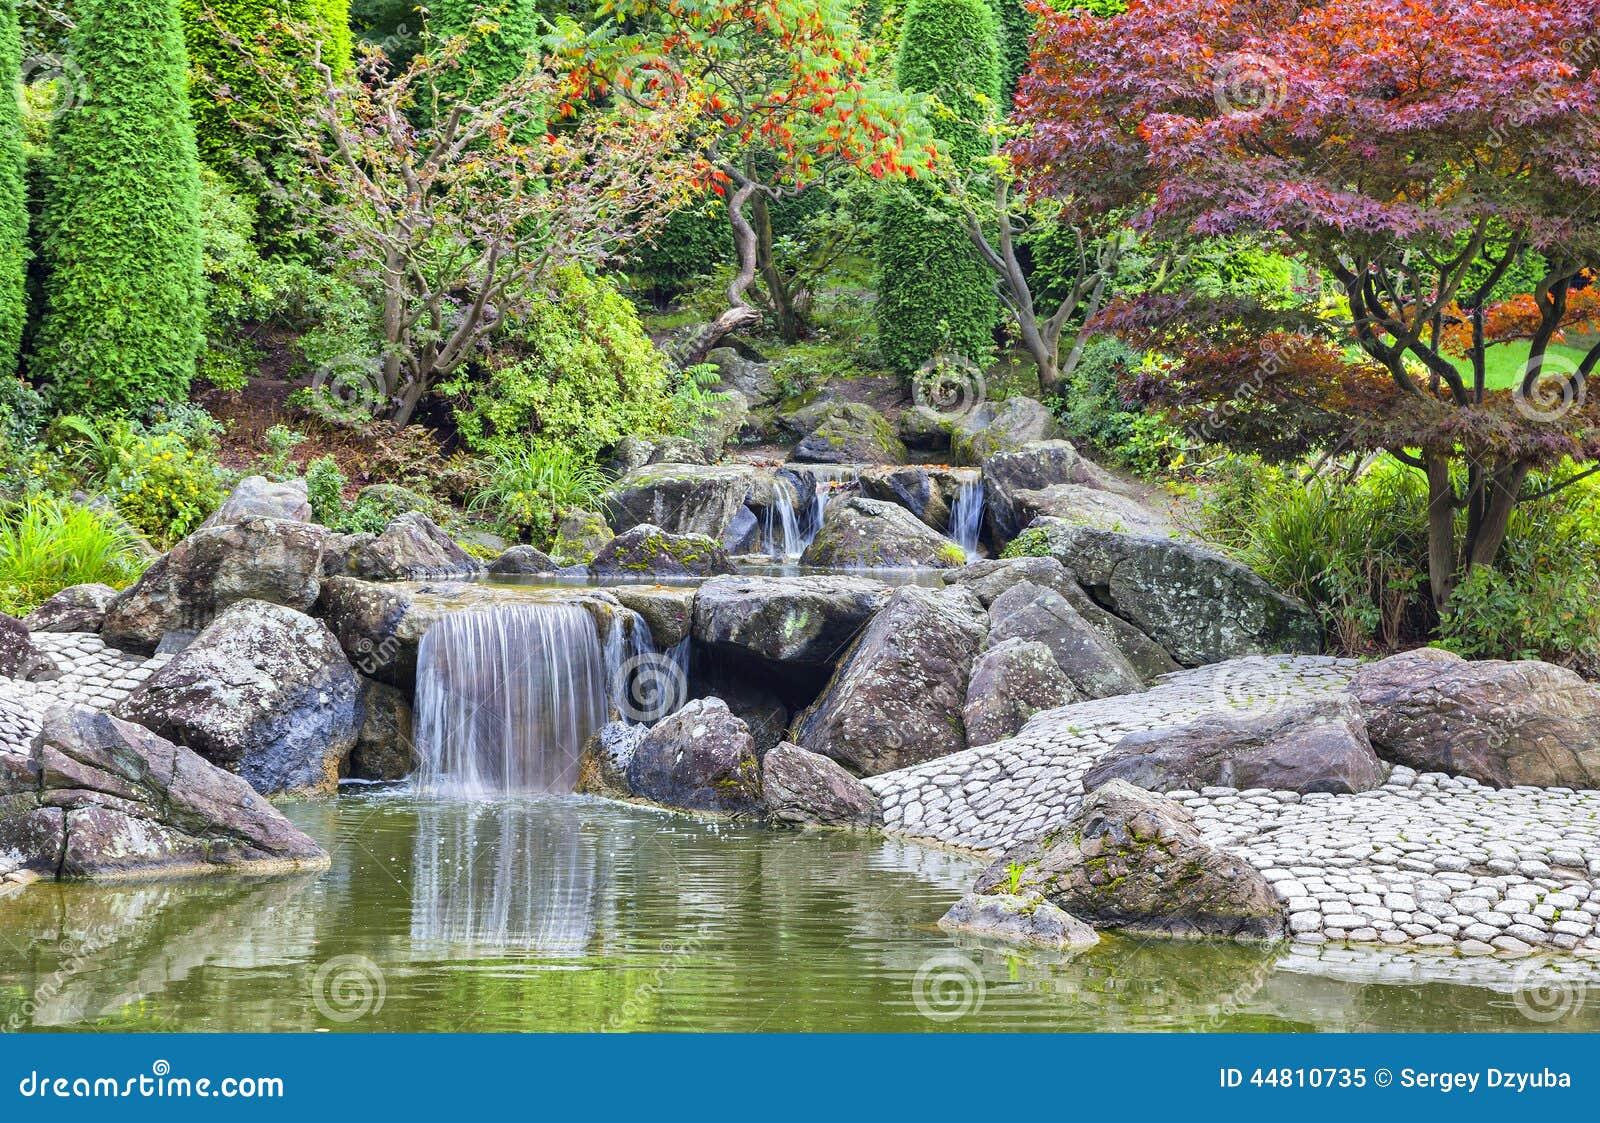 cascade de cascade dans le jardin japonais bonn image stock image du lame vert 44810735. Black Bedroom Furniture Sets. Home Design Ideas